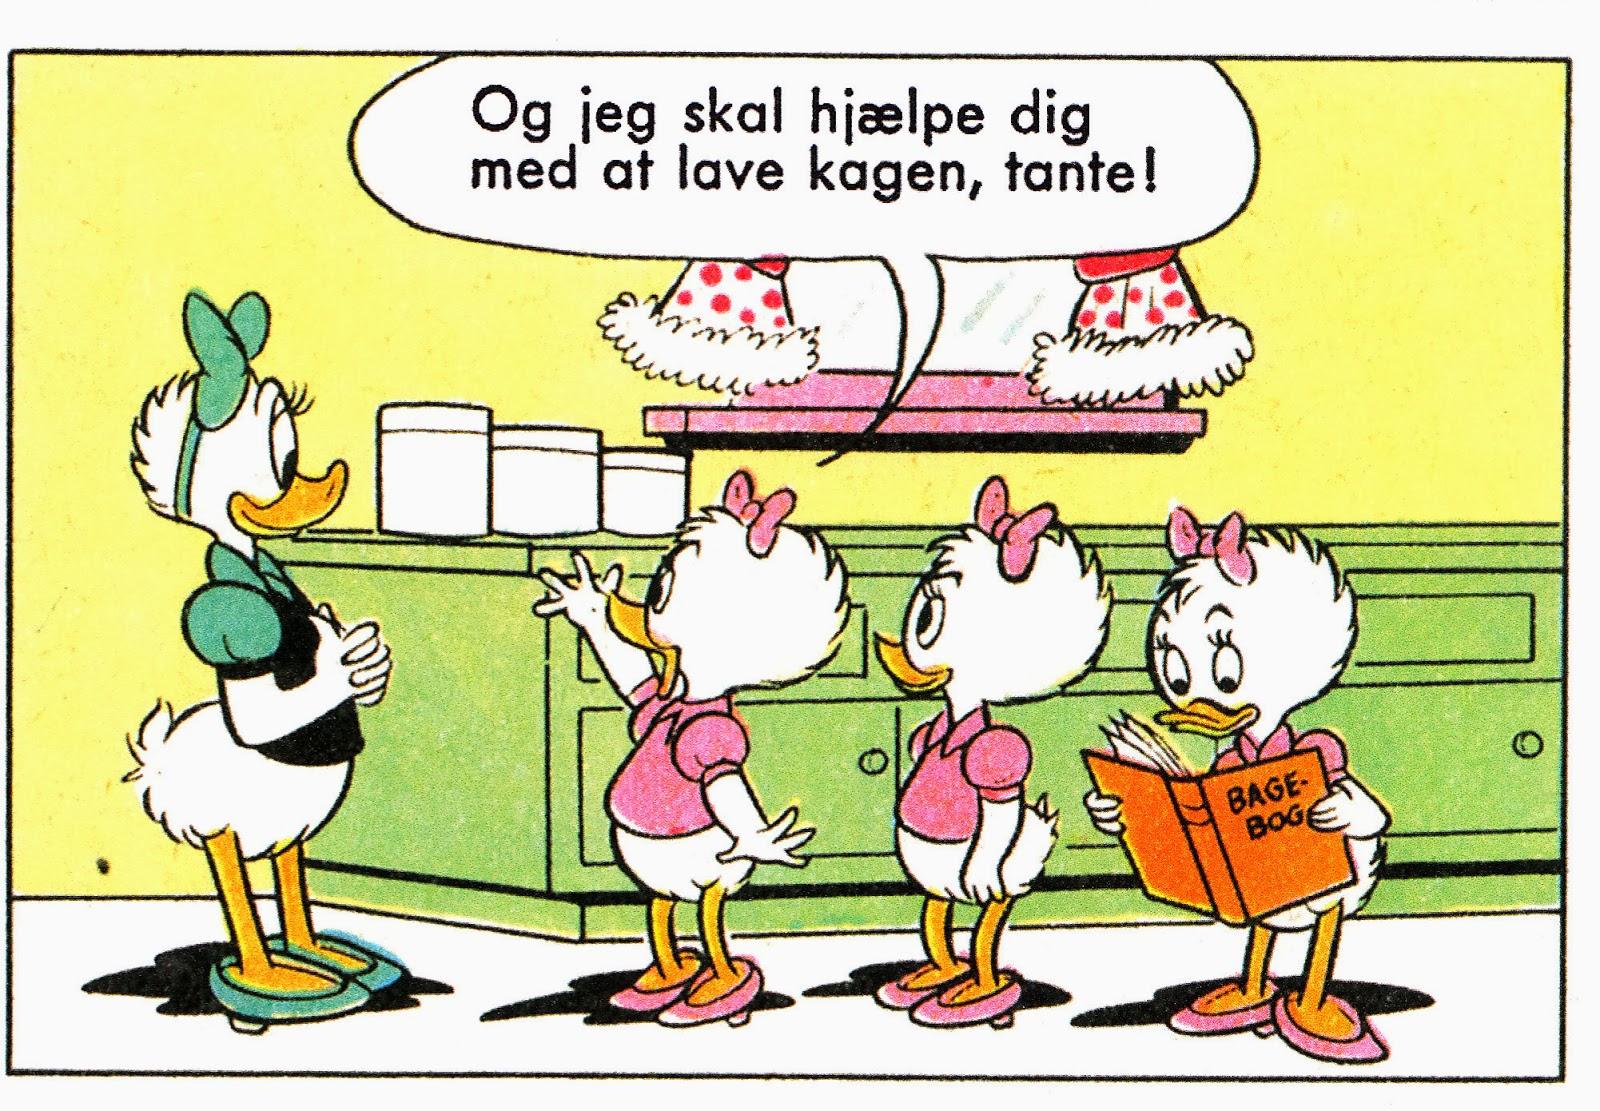 Dansk Kvindesamfund, Kvinderådet og KVINFO vil gerne hjælpe ligestillingsminister Ellen Trane Nørby. Billede: disneyserier.blogspot.com.